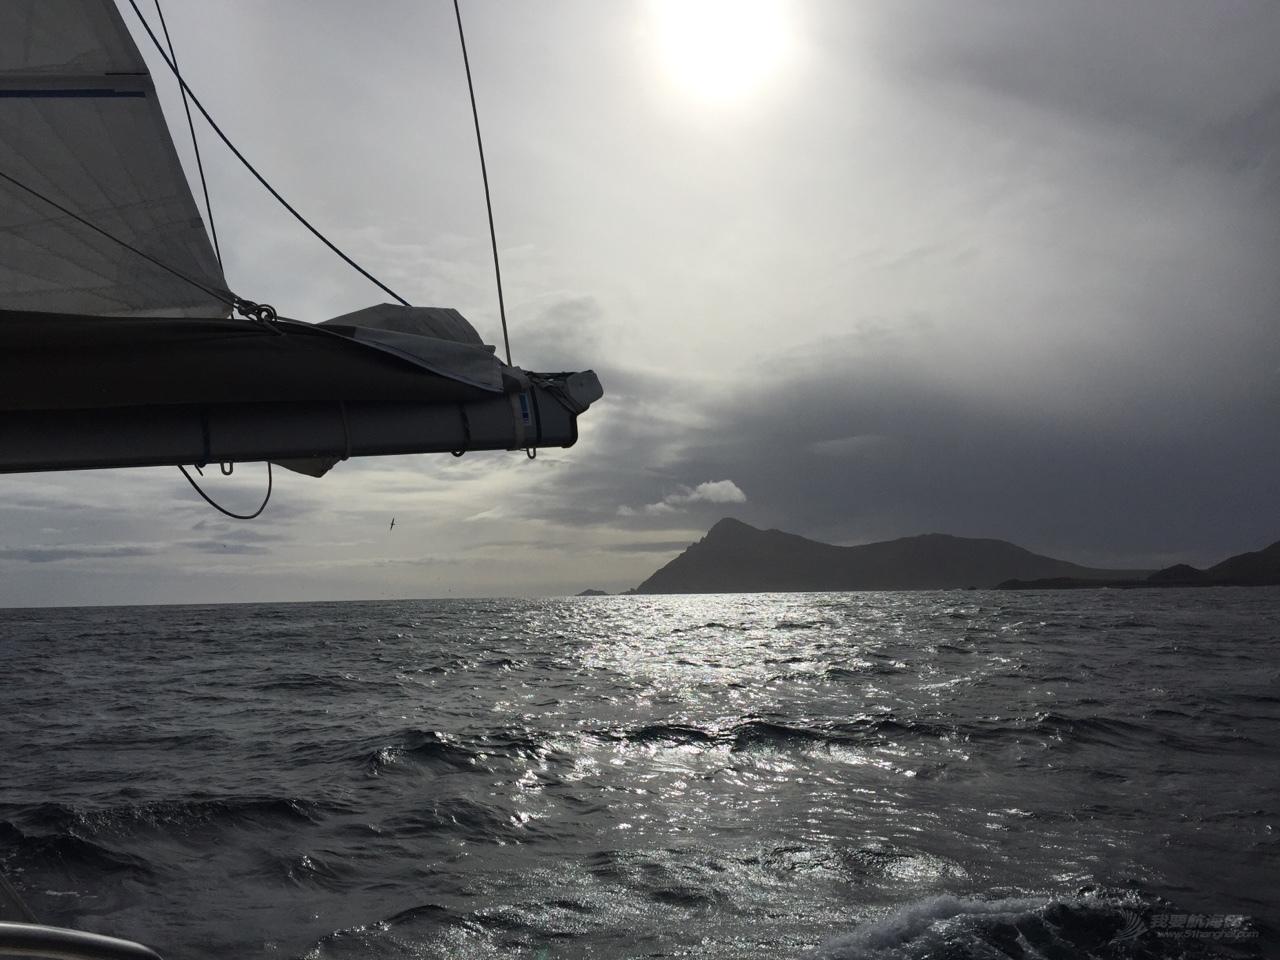 《海角孤舟》(89)过德雷克海峡